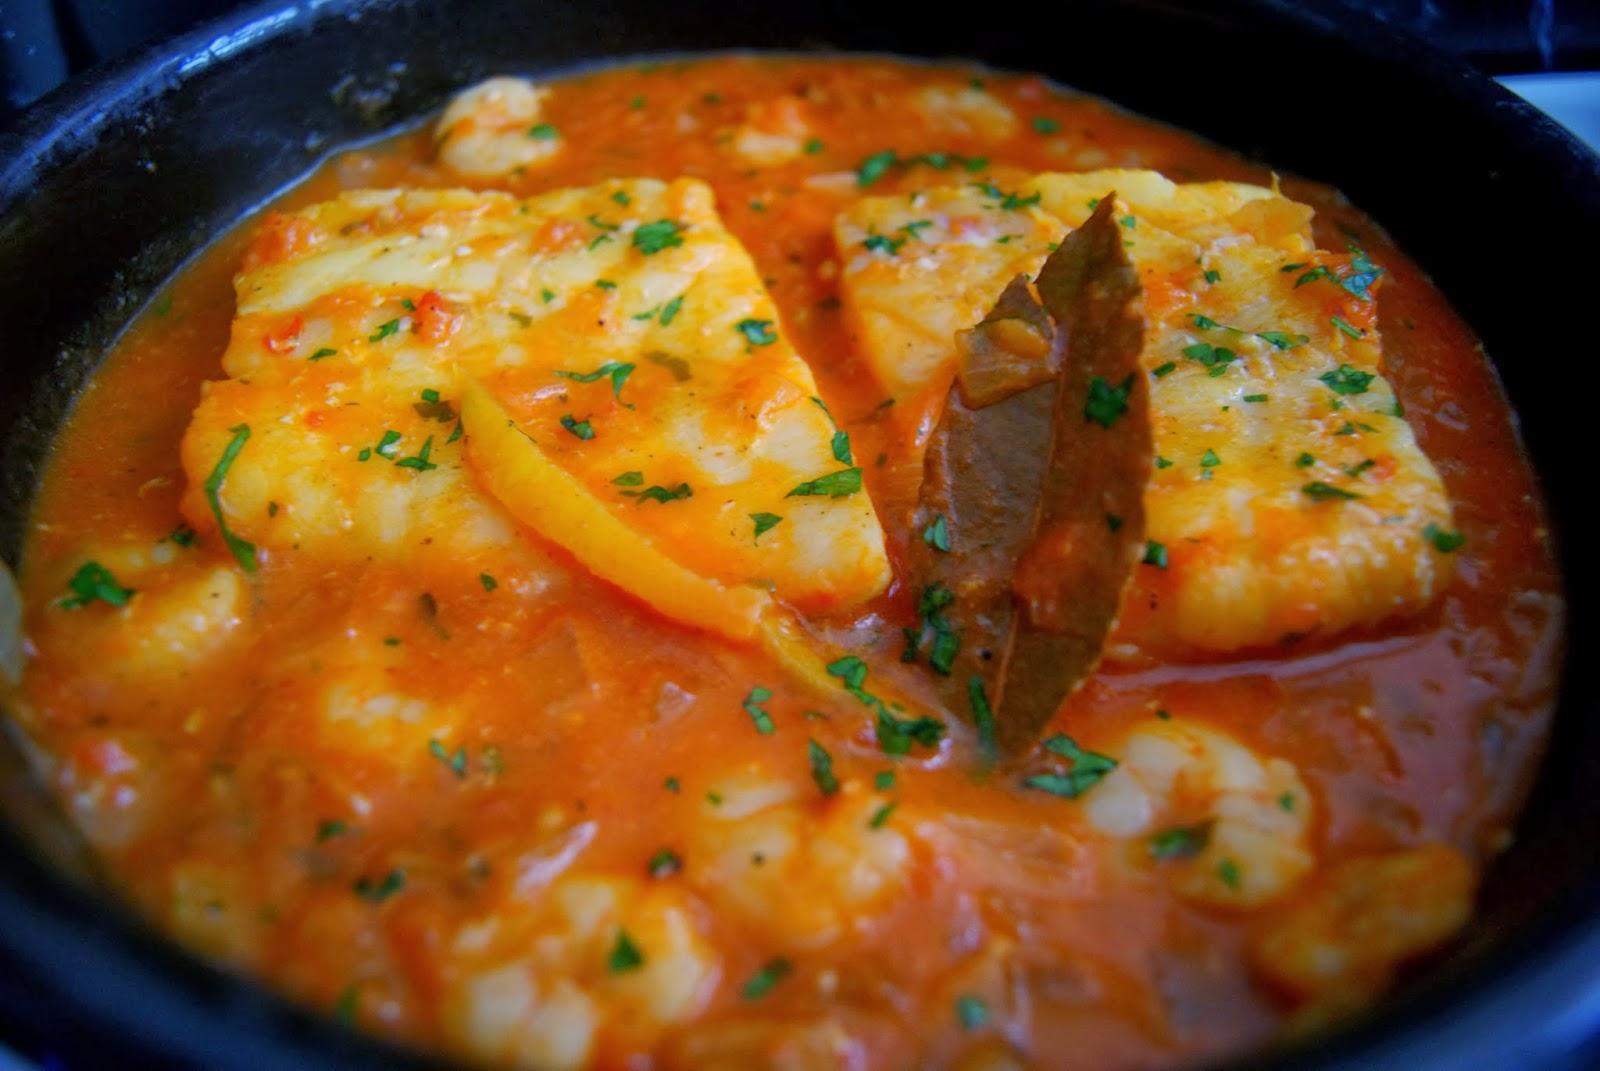 Tajine de bacalao y gambas tajine de poisson et crevettes el g de sasa - Cocinar bacalao desalado ...